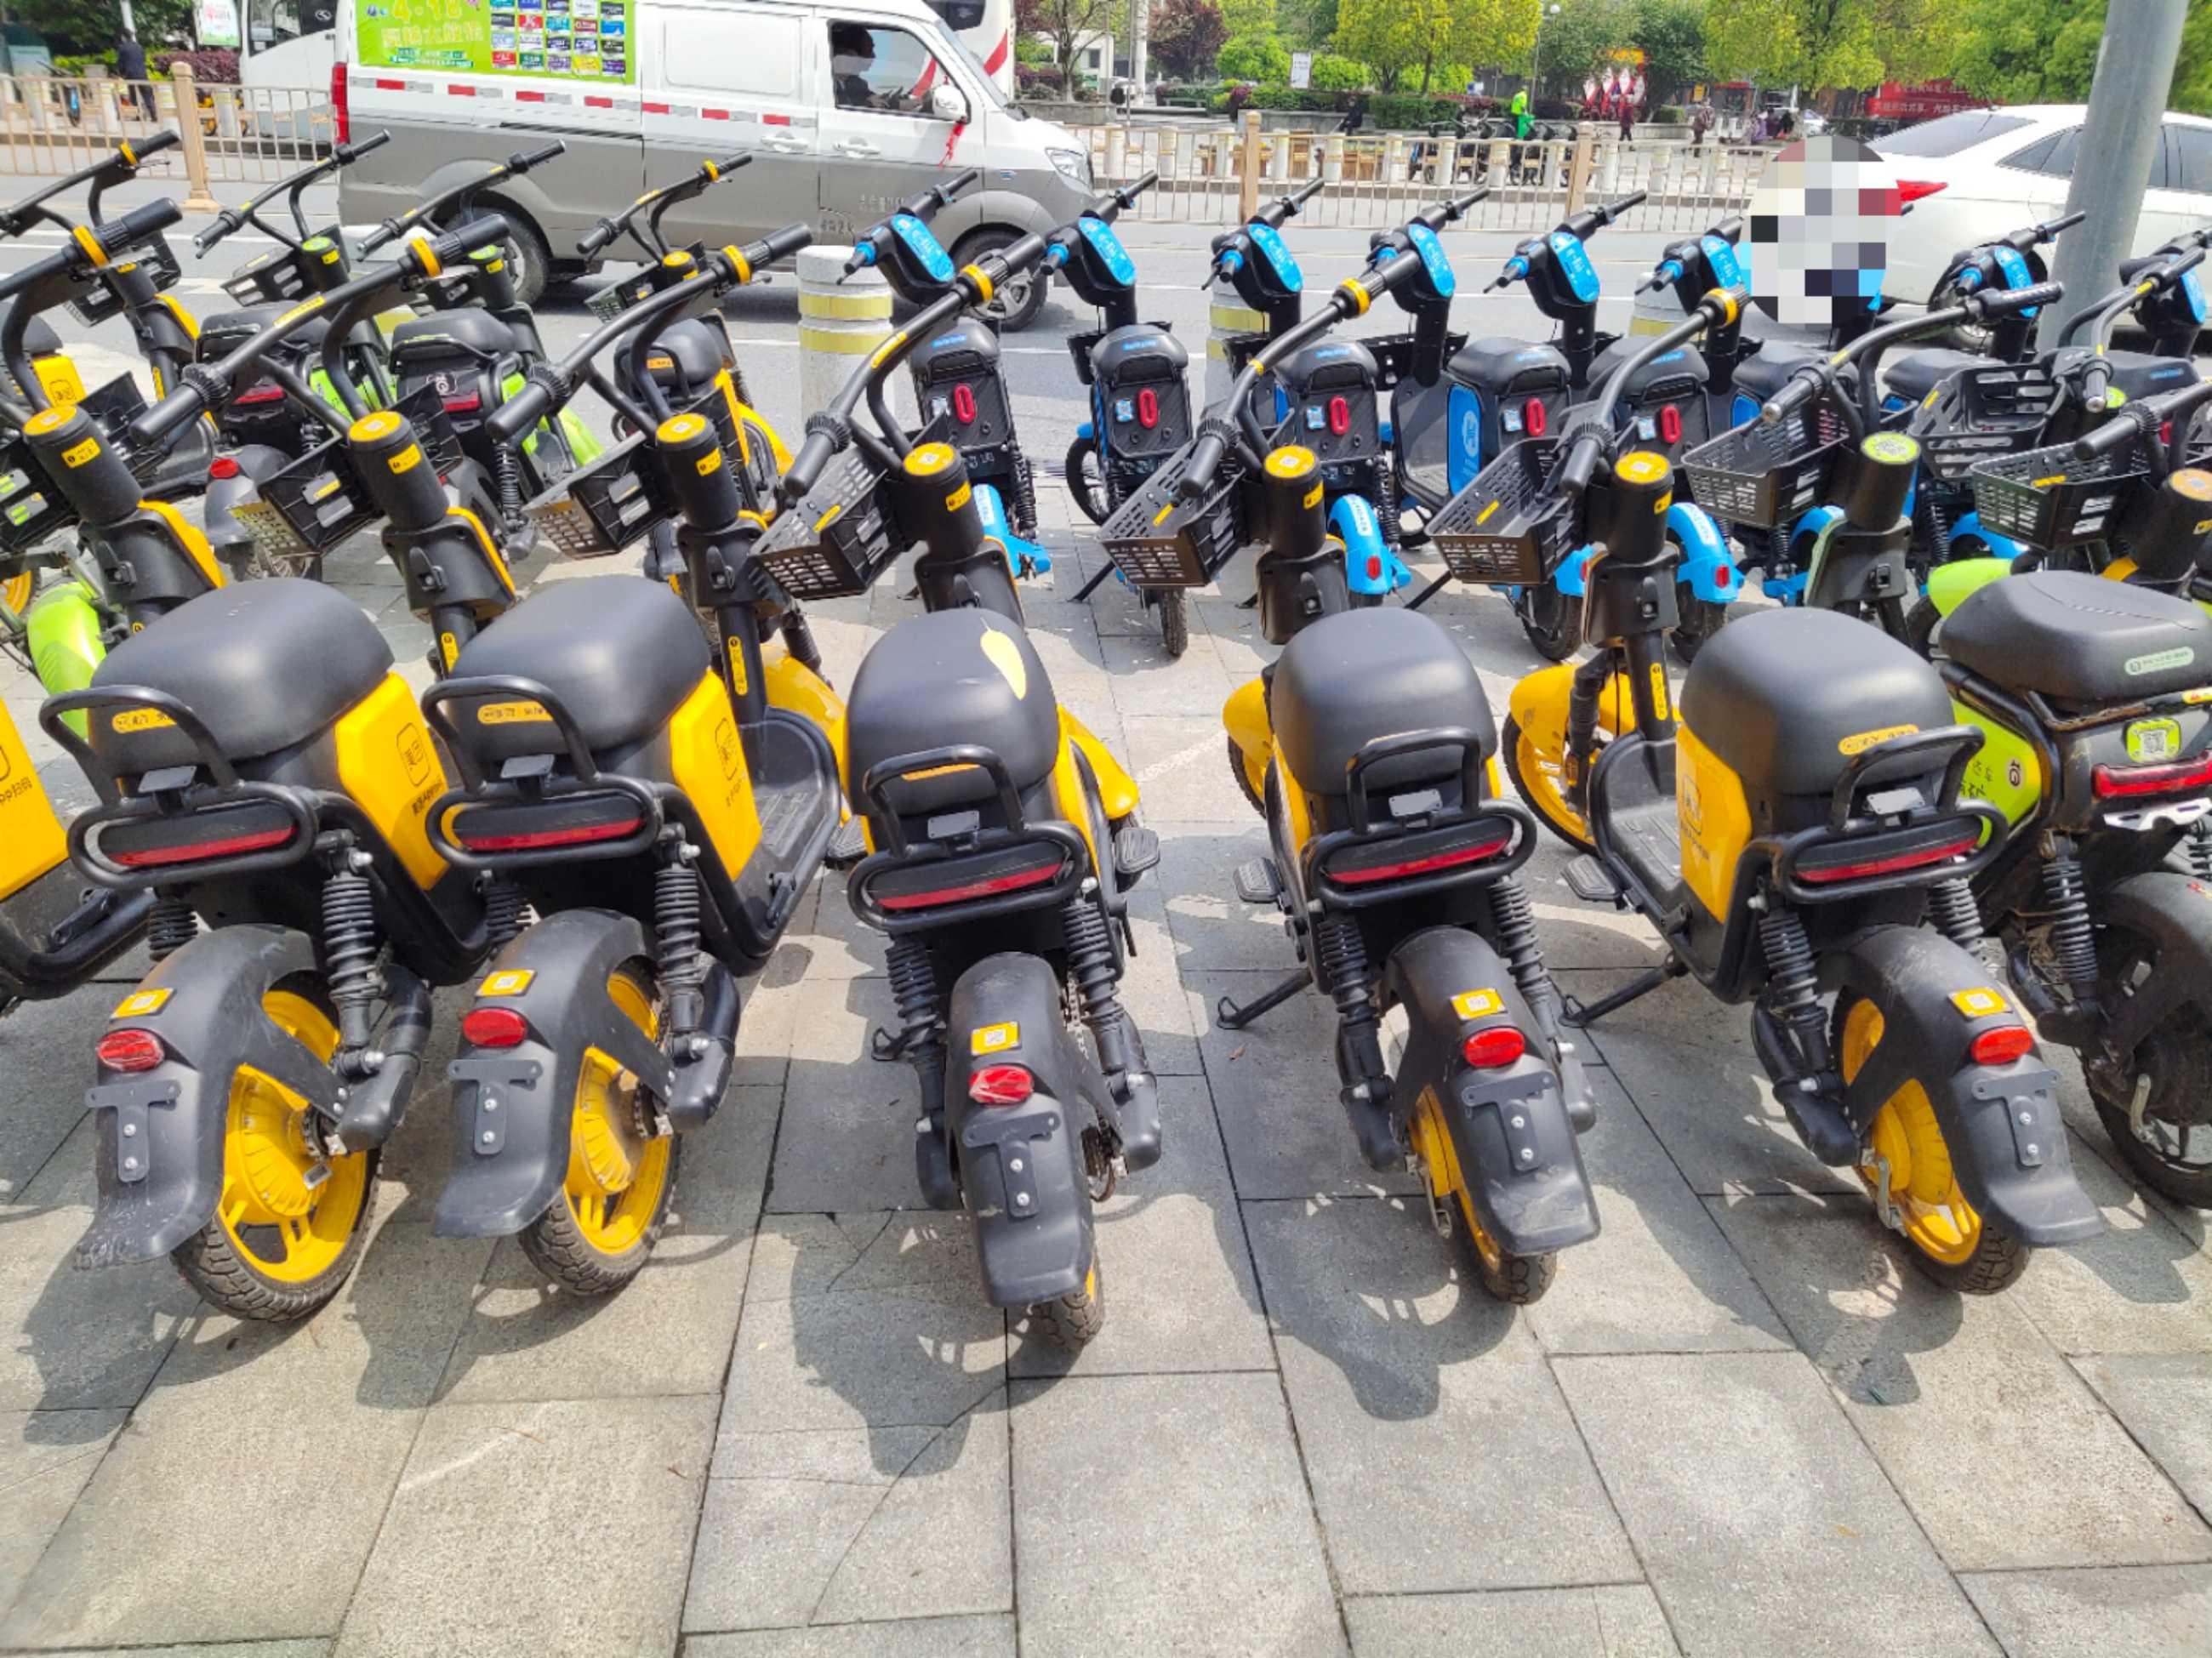 整齐!庐山市共享单车摆放逐渐回归文明